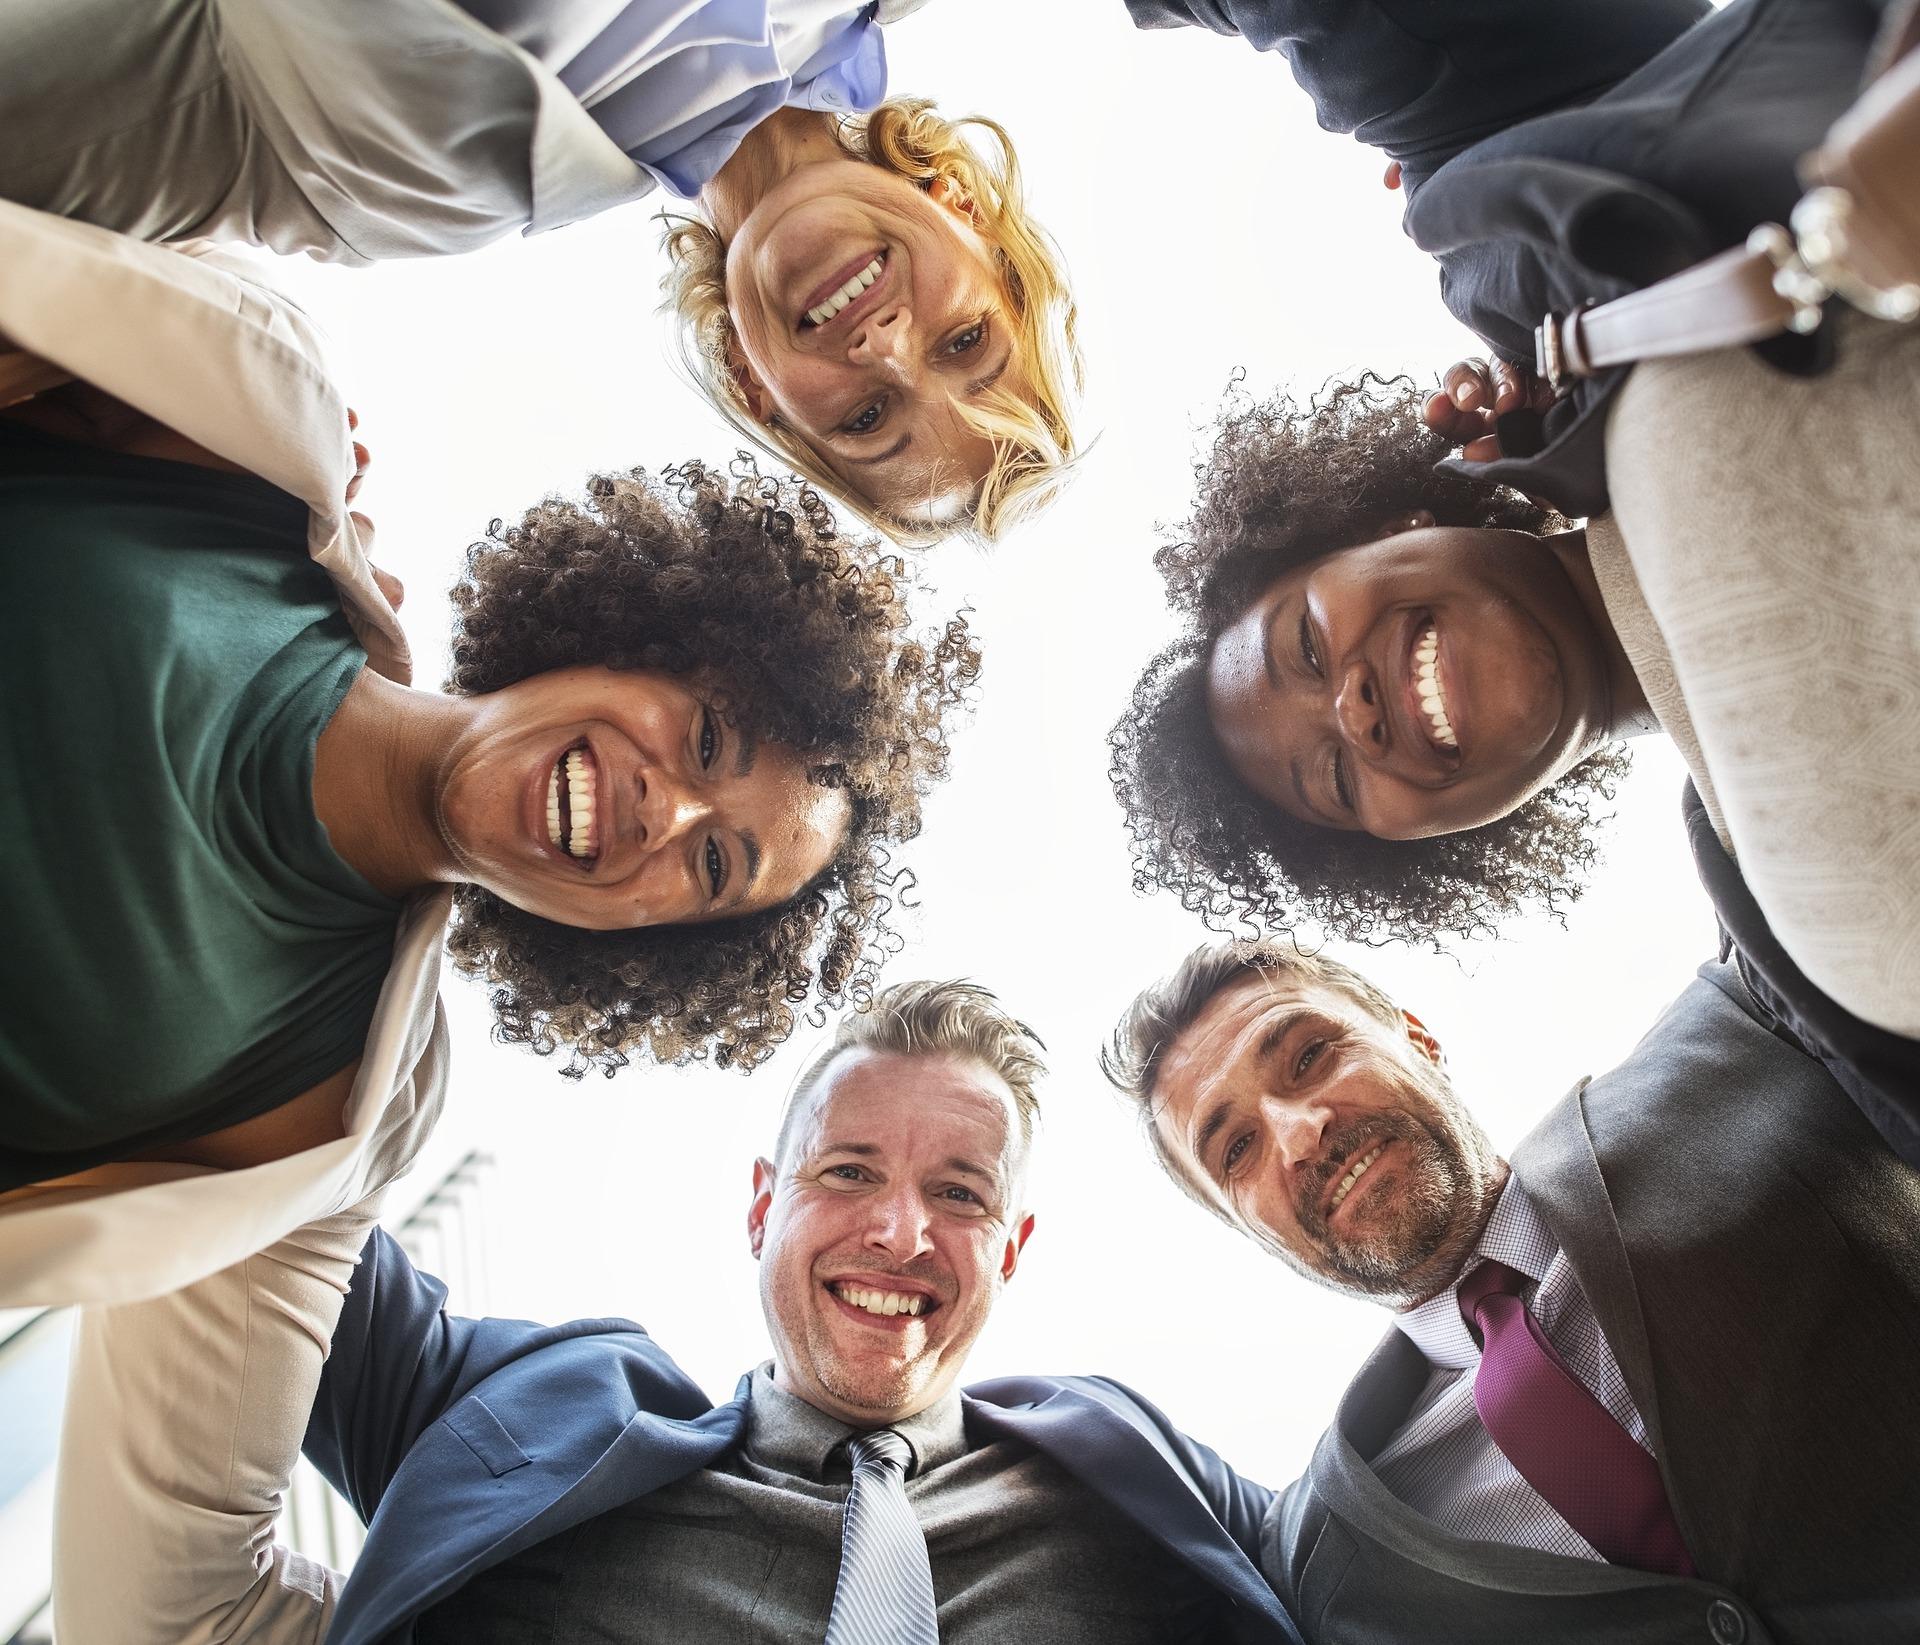 アメリカ人の同僚が集まって笑顔を見せる写真